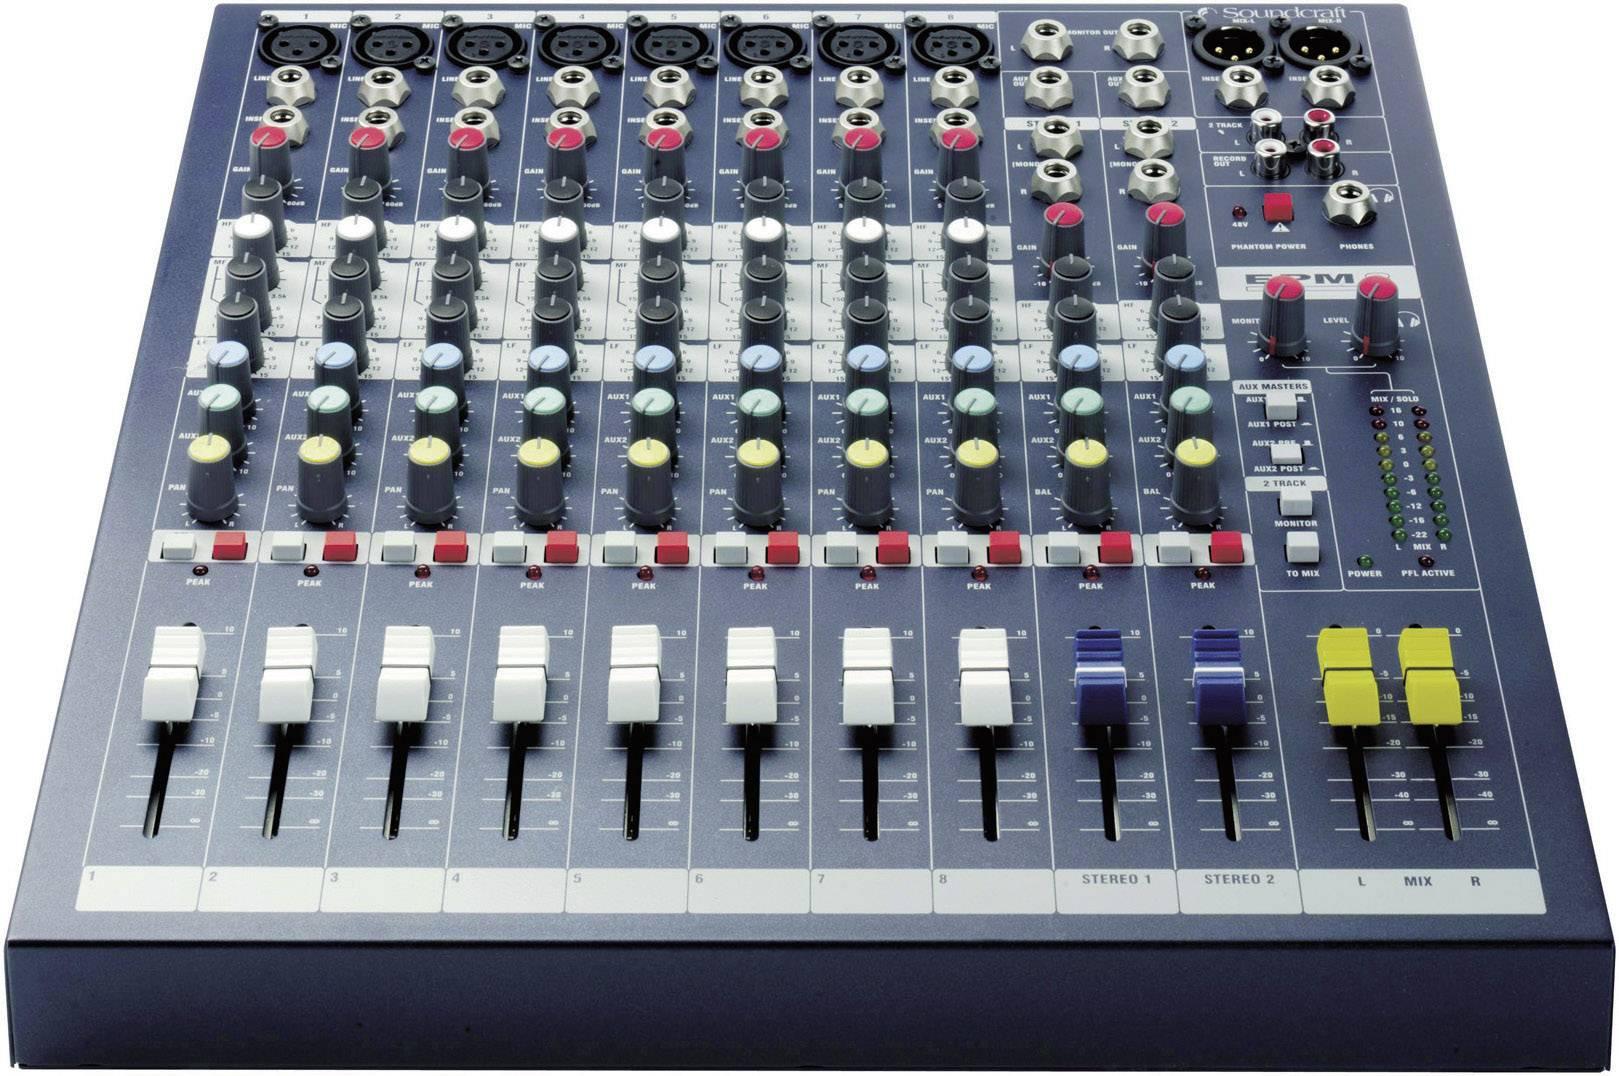 Table de mixage soundcraft epm 8 - Table de mixage en ligne gratuit ...